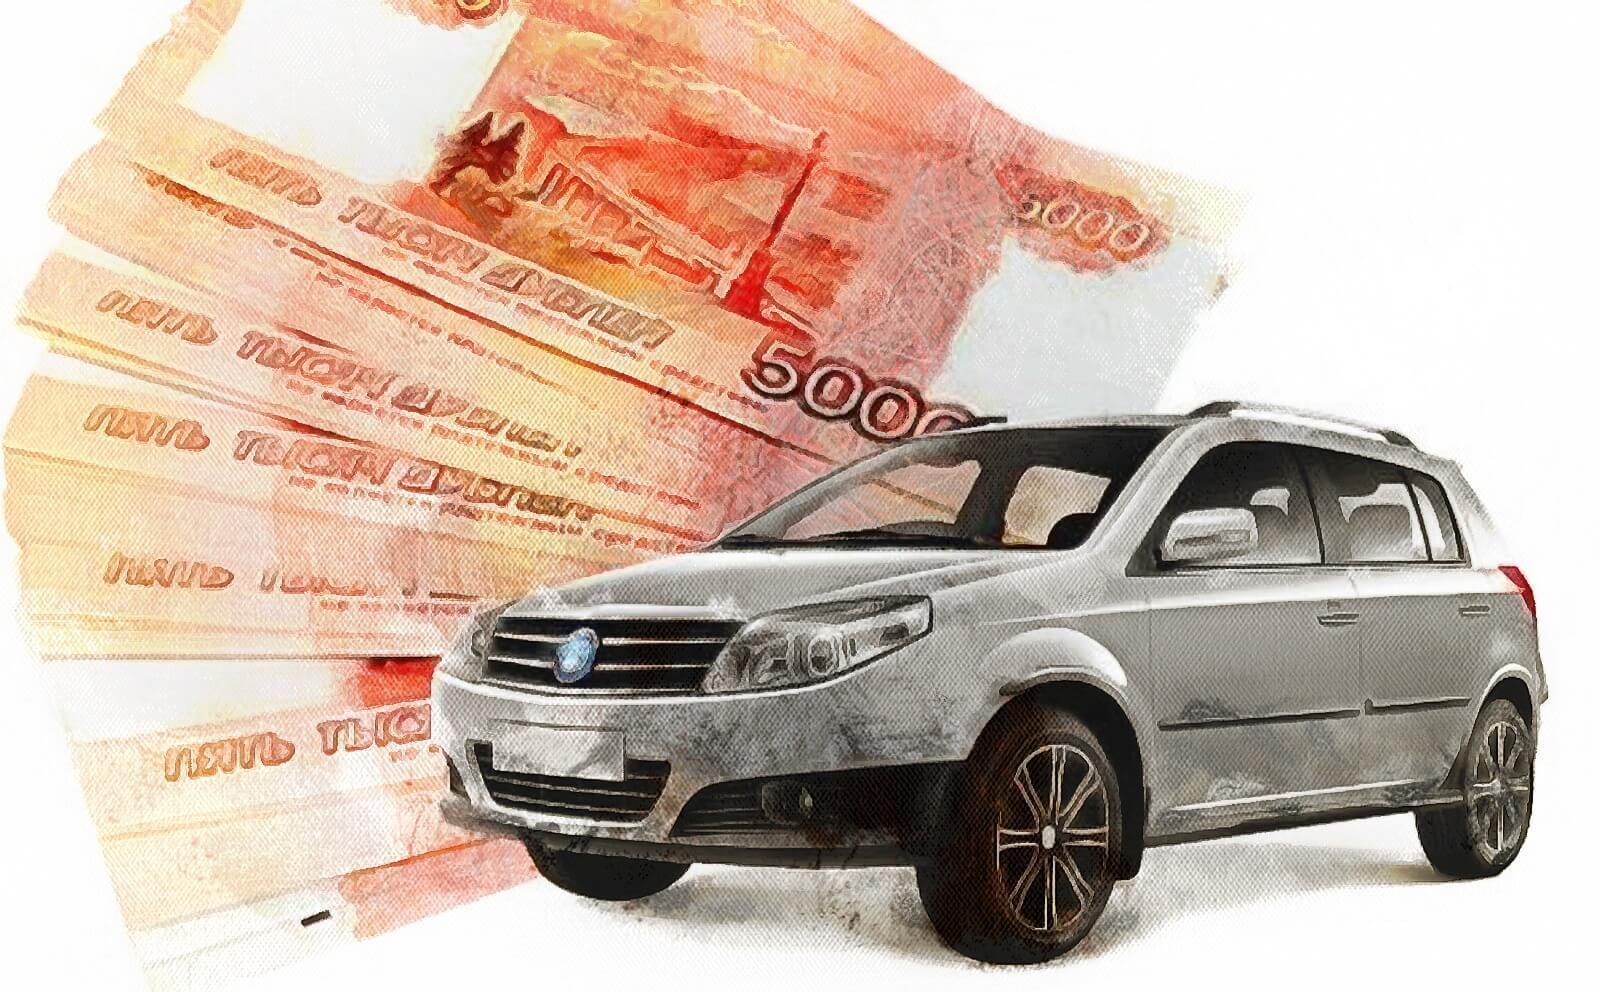 Какие банки дают кредит под залог авто получить кредит в альфа банке наличными